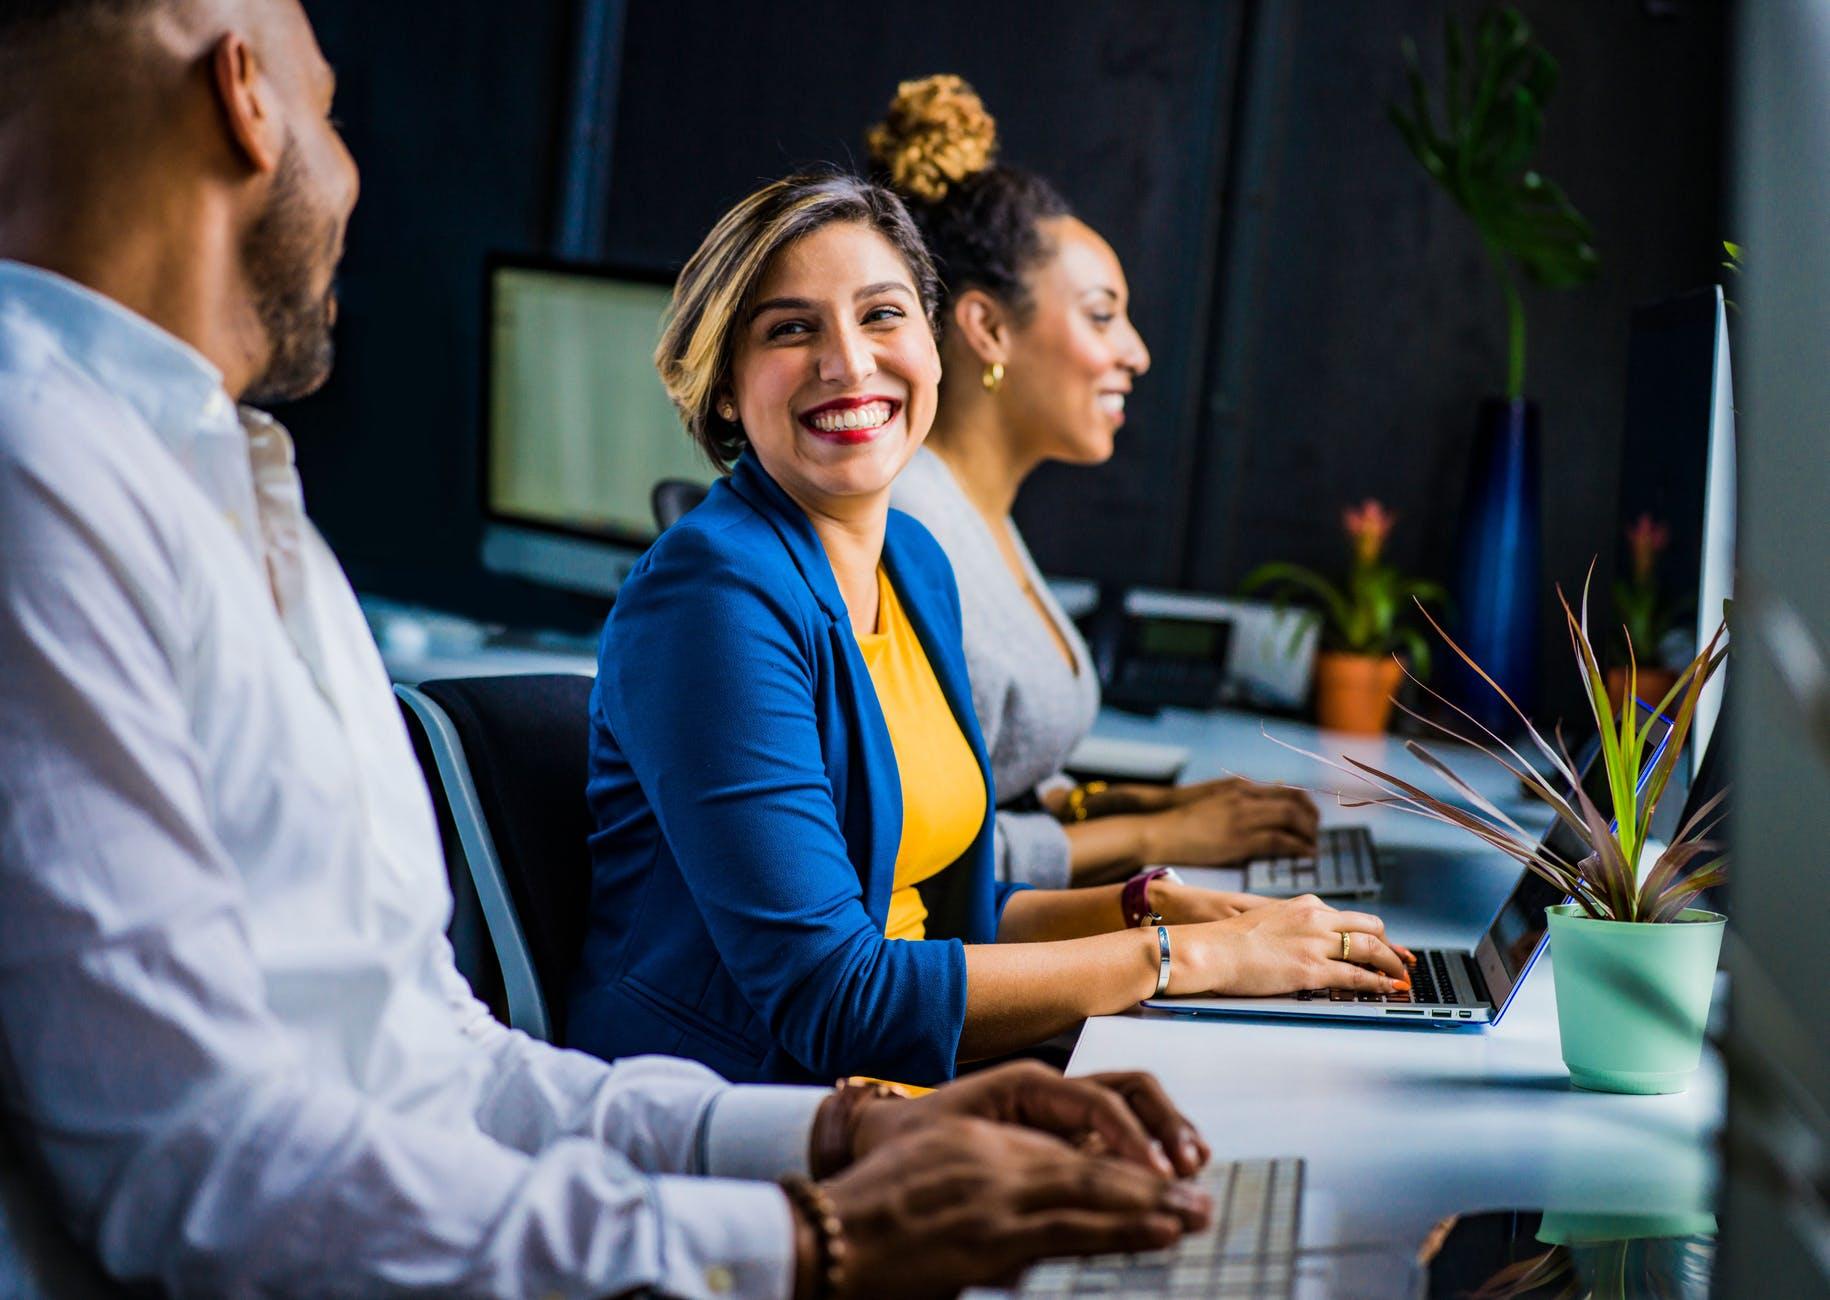 Quer abrir seu próprio negócio? Confira 6 dicas